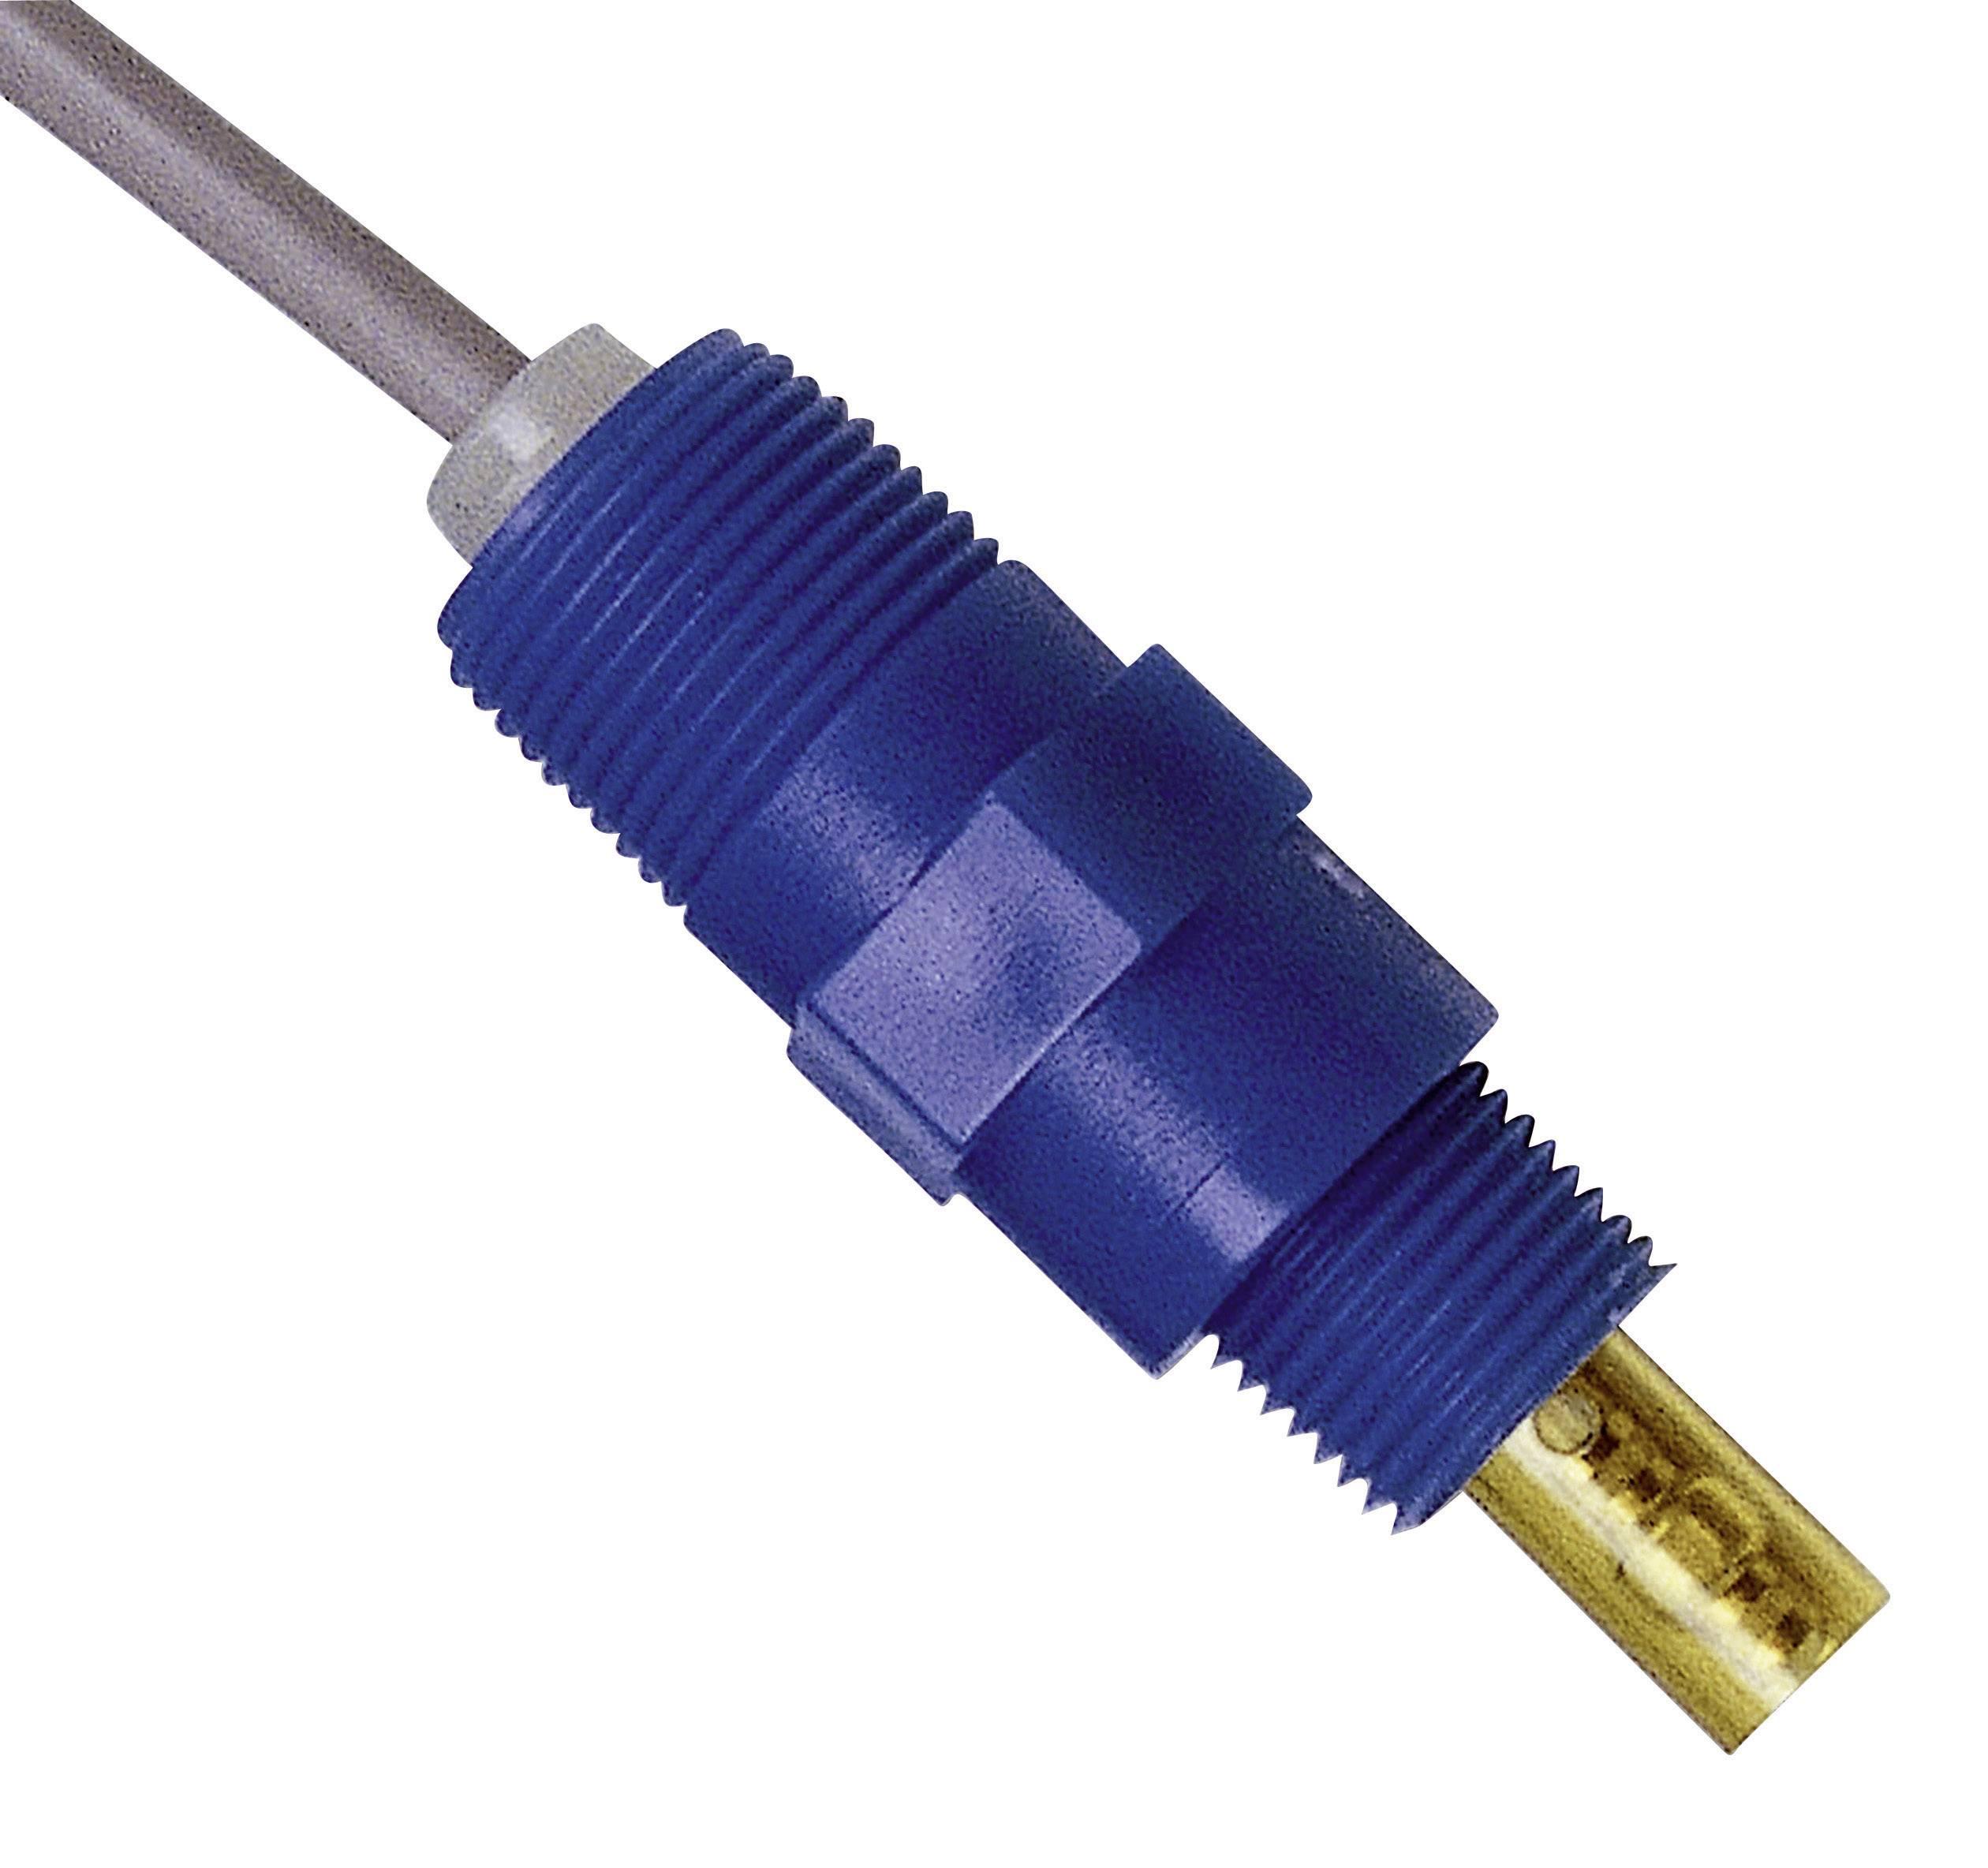 Hanna Instruments HI 7634-00 HI 7634-00